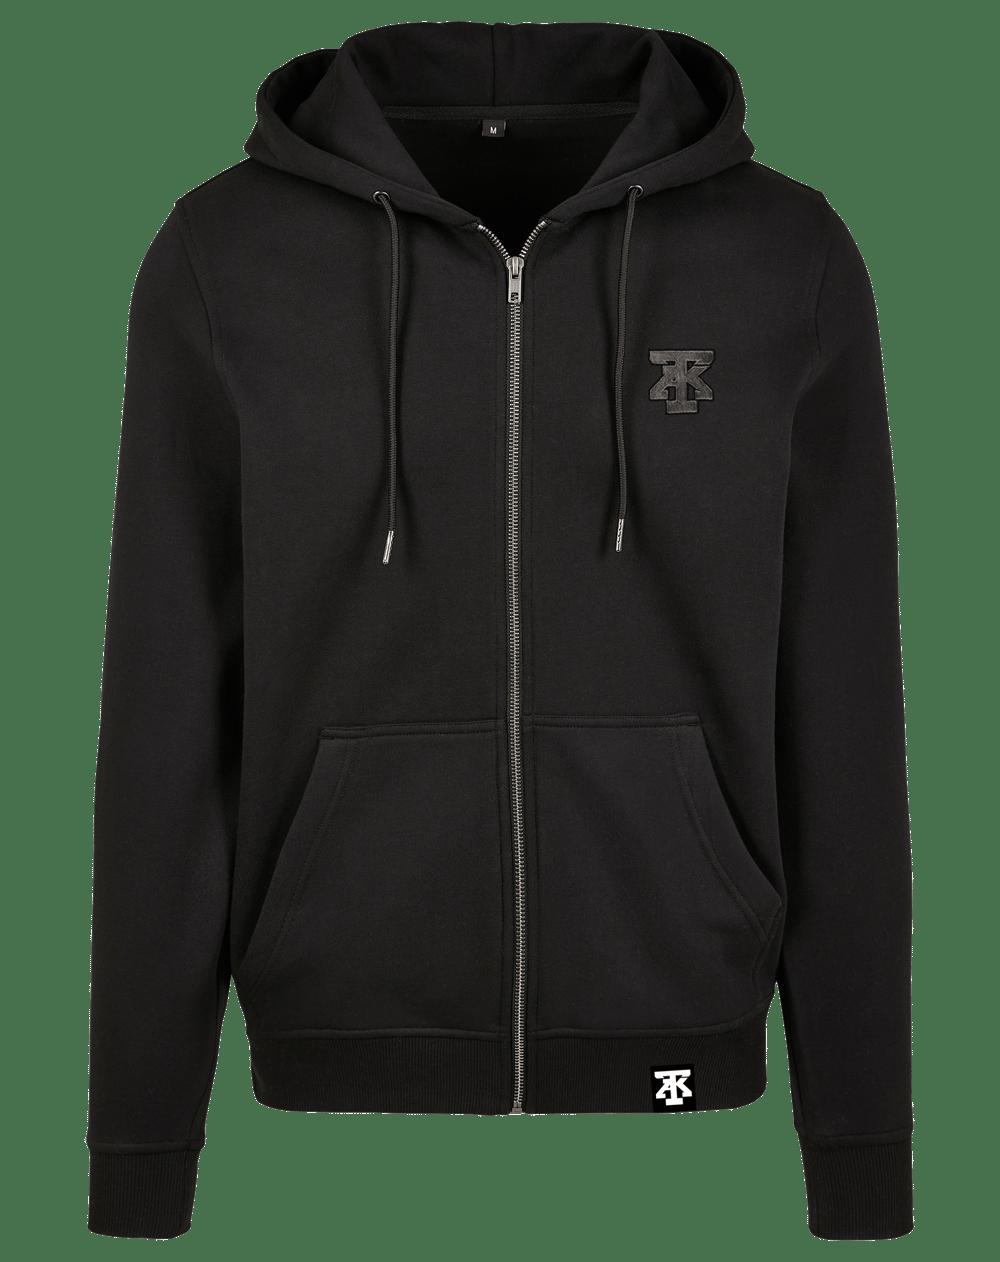 TAK Zip Hoodie Sweatshirt Black